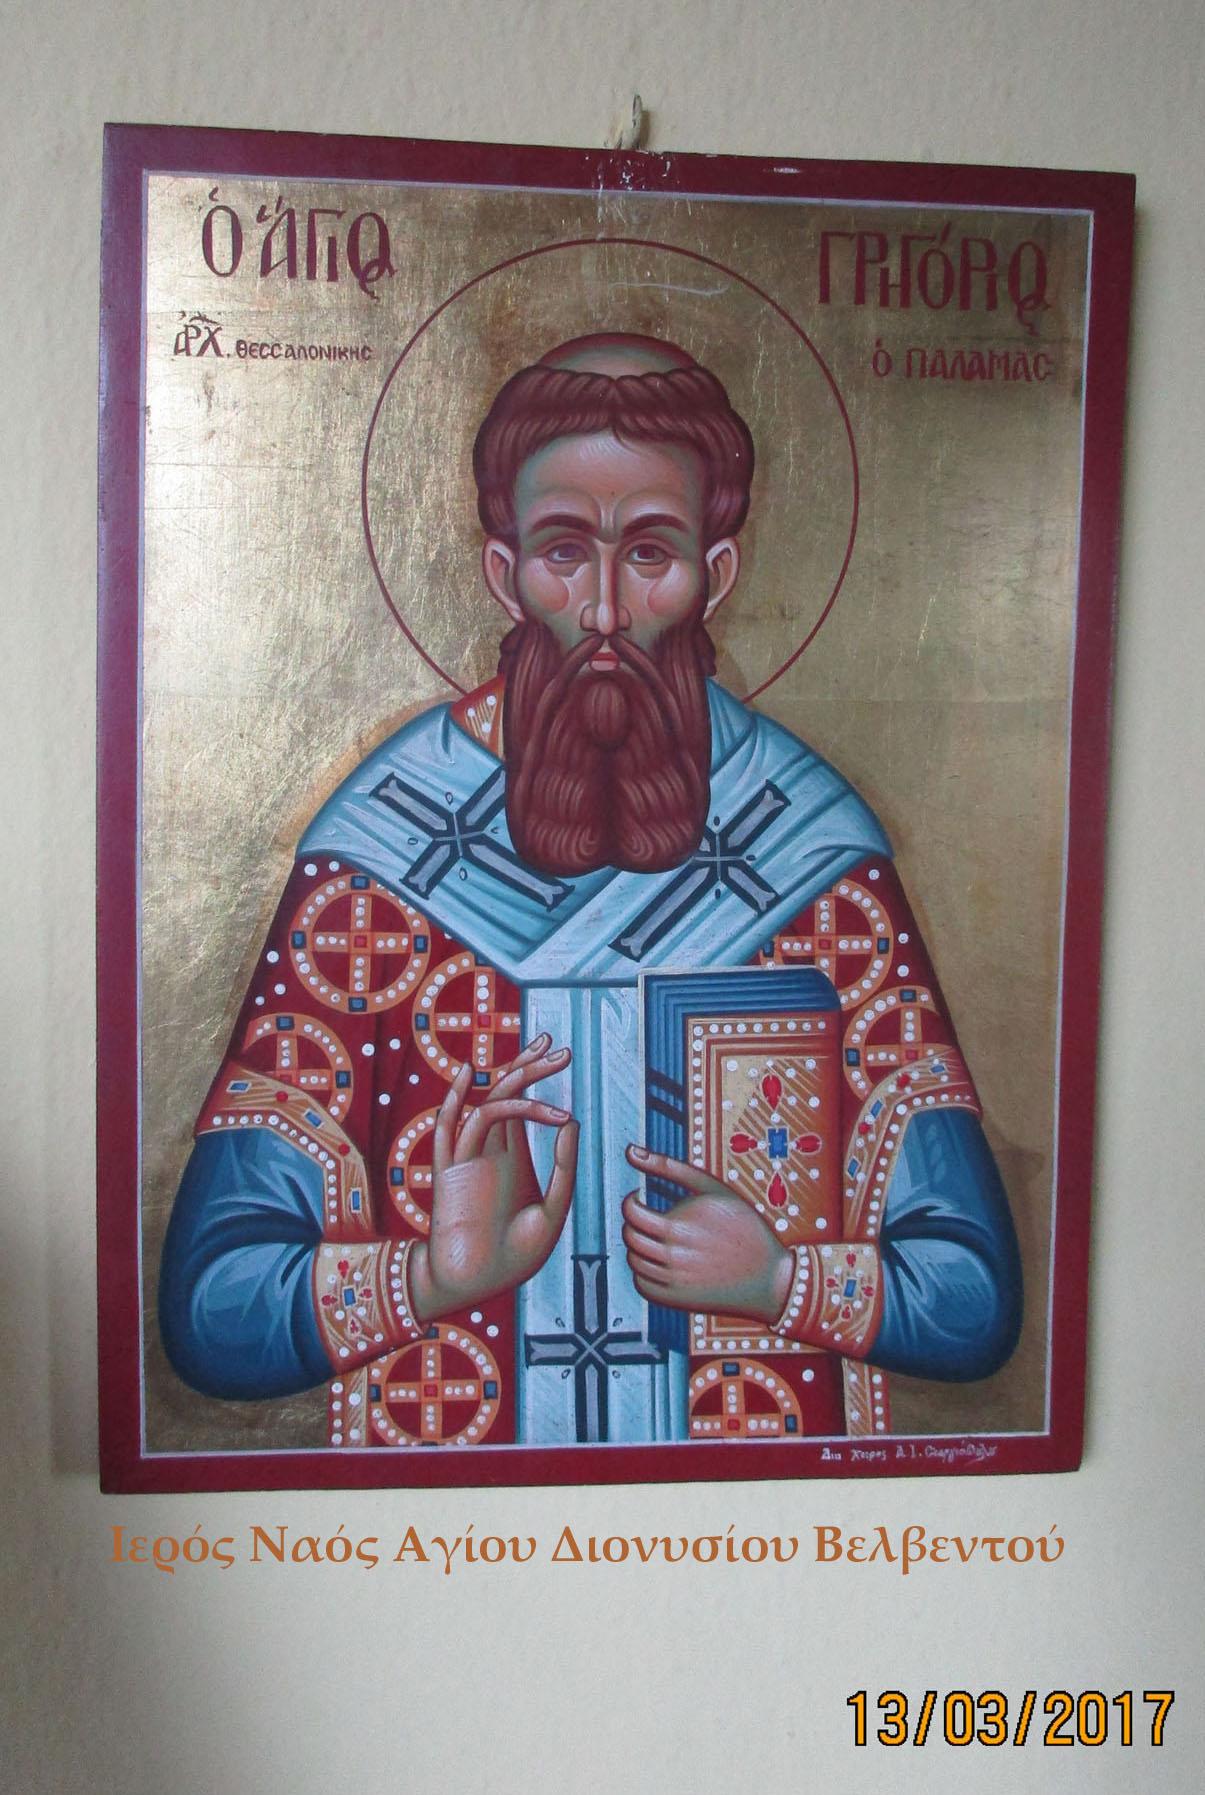 Ο Άγιος Γρηγόριος ο Παλαμάς άφησε τα ίχνη του (και) στην περιοχή μας.  (του παπαδάσκαλου Κωνσταντίνου Ι. Κώστα)